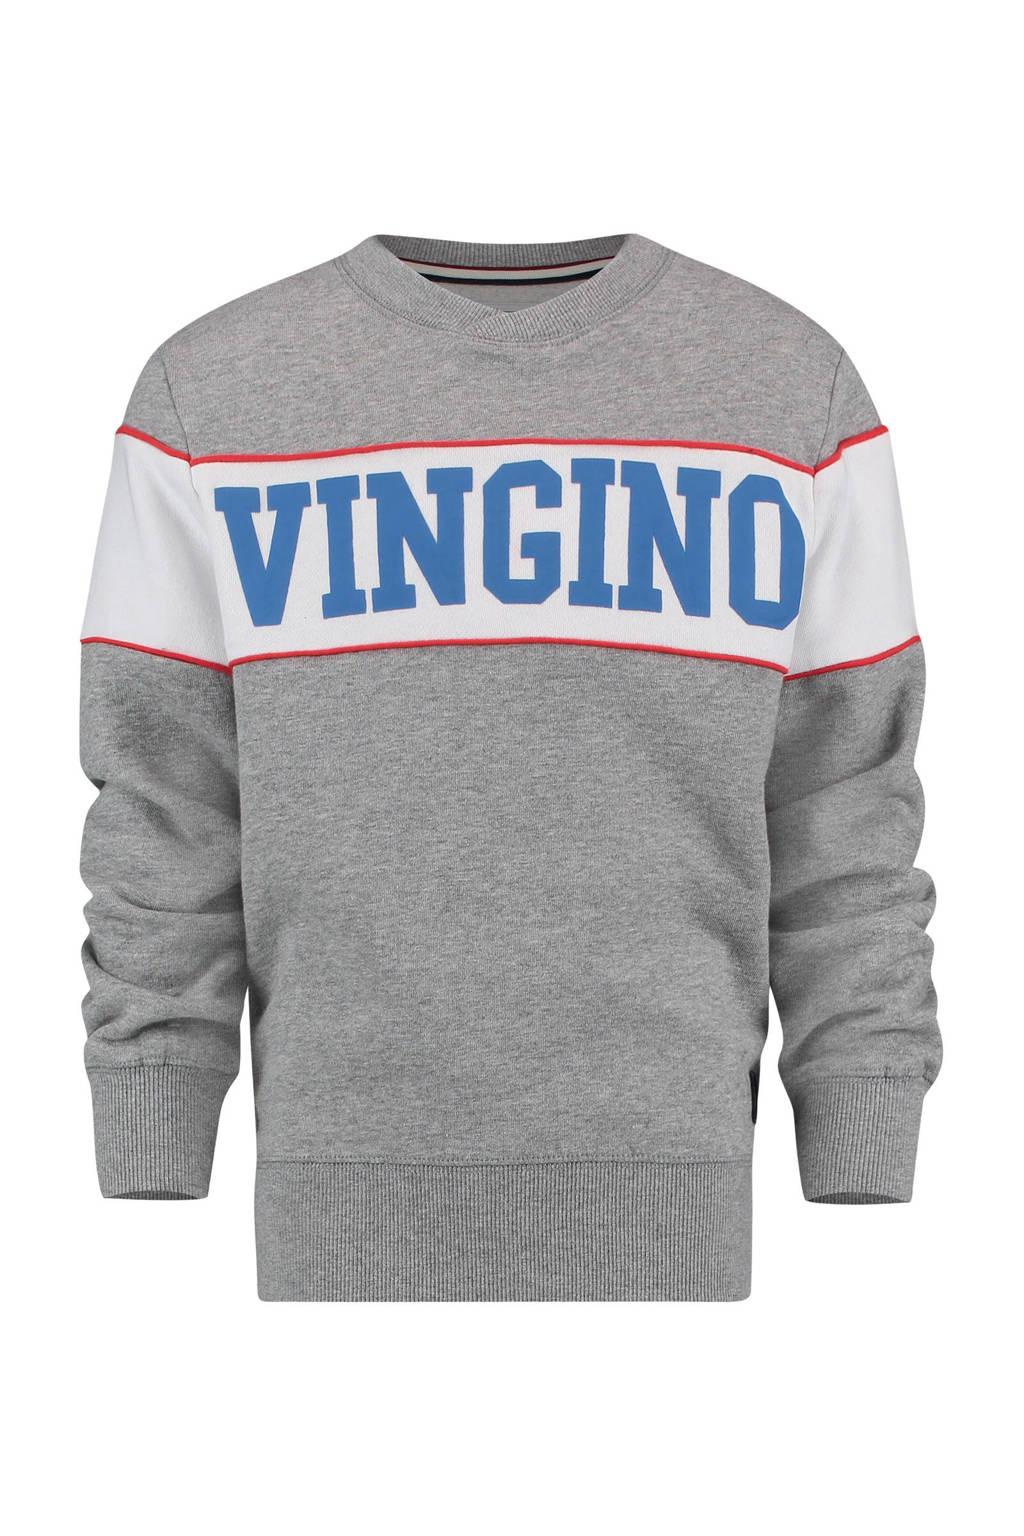 Vingino sweater met tekst Nabko grijs melange, Grijs melange/wit